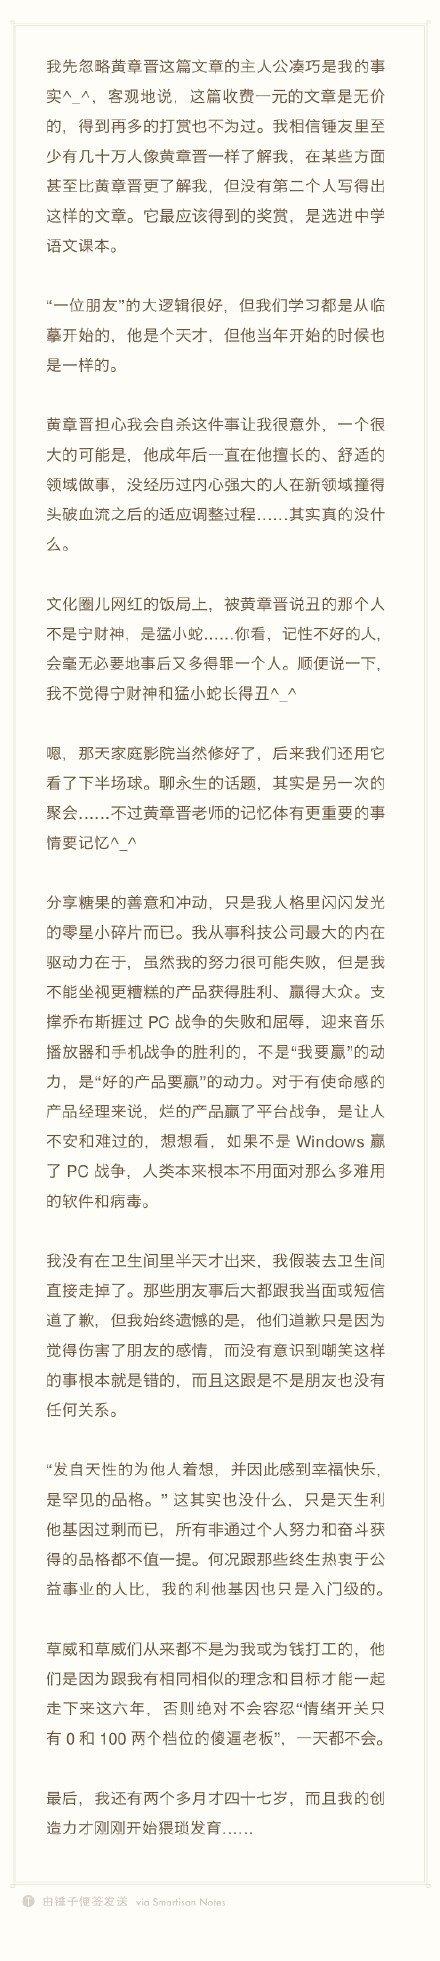 罗永浩发声:虽然我的努力很可能失败 但不能坐视更糟糕的产品获得胜利